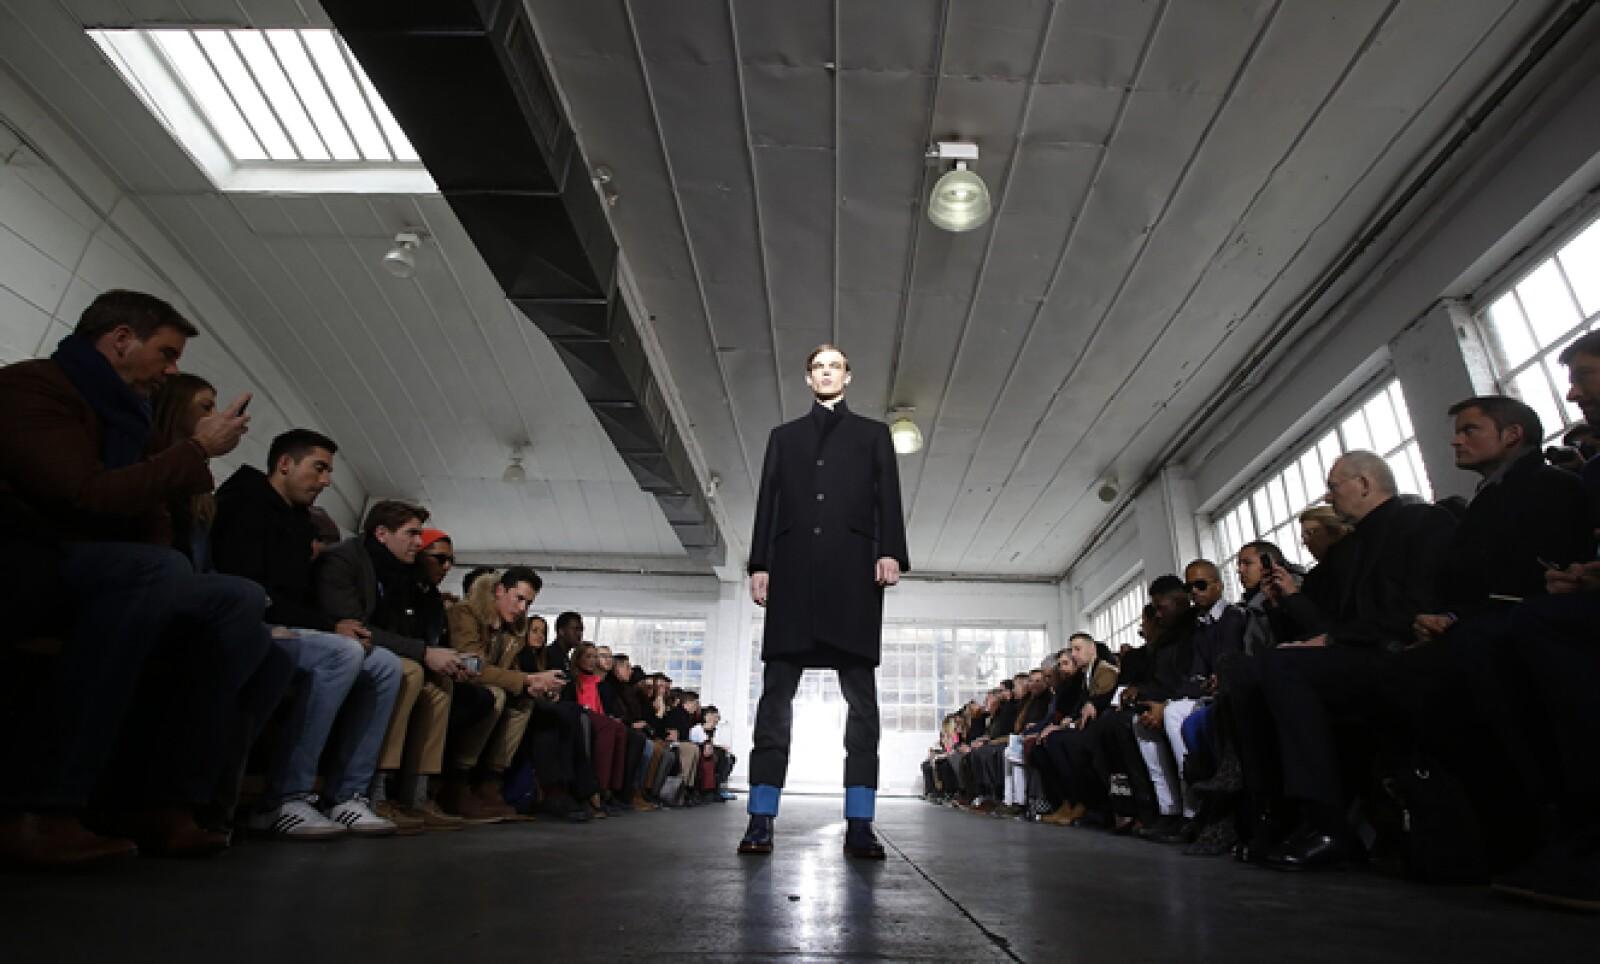 Se estima que la Fashion Week de Nueva York deja una derrama económica de 40 millones de dólares al año.